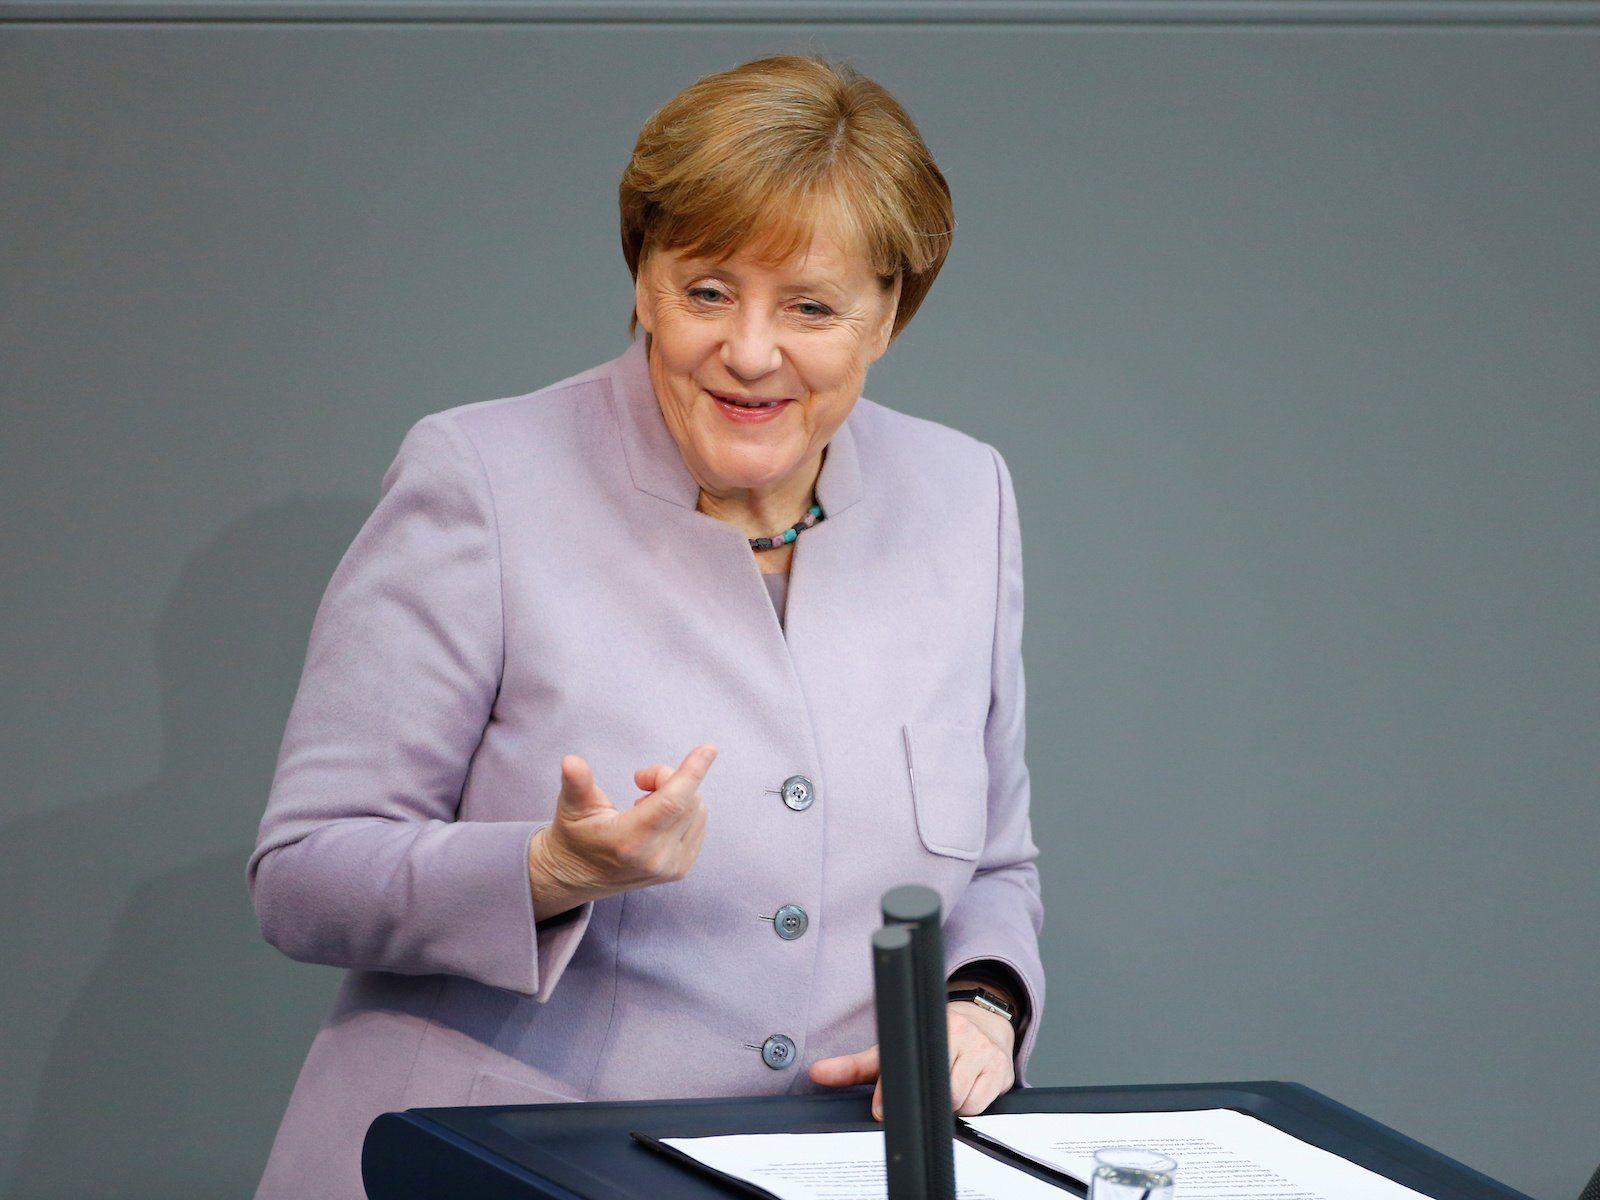 Merkel Preparing For A G20 Summit Is Like Herding Cats